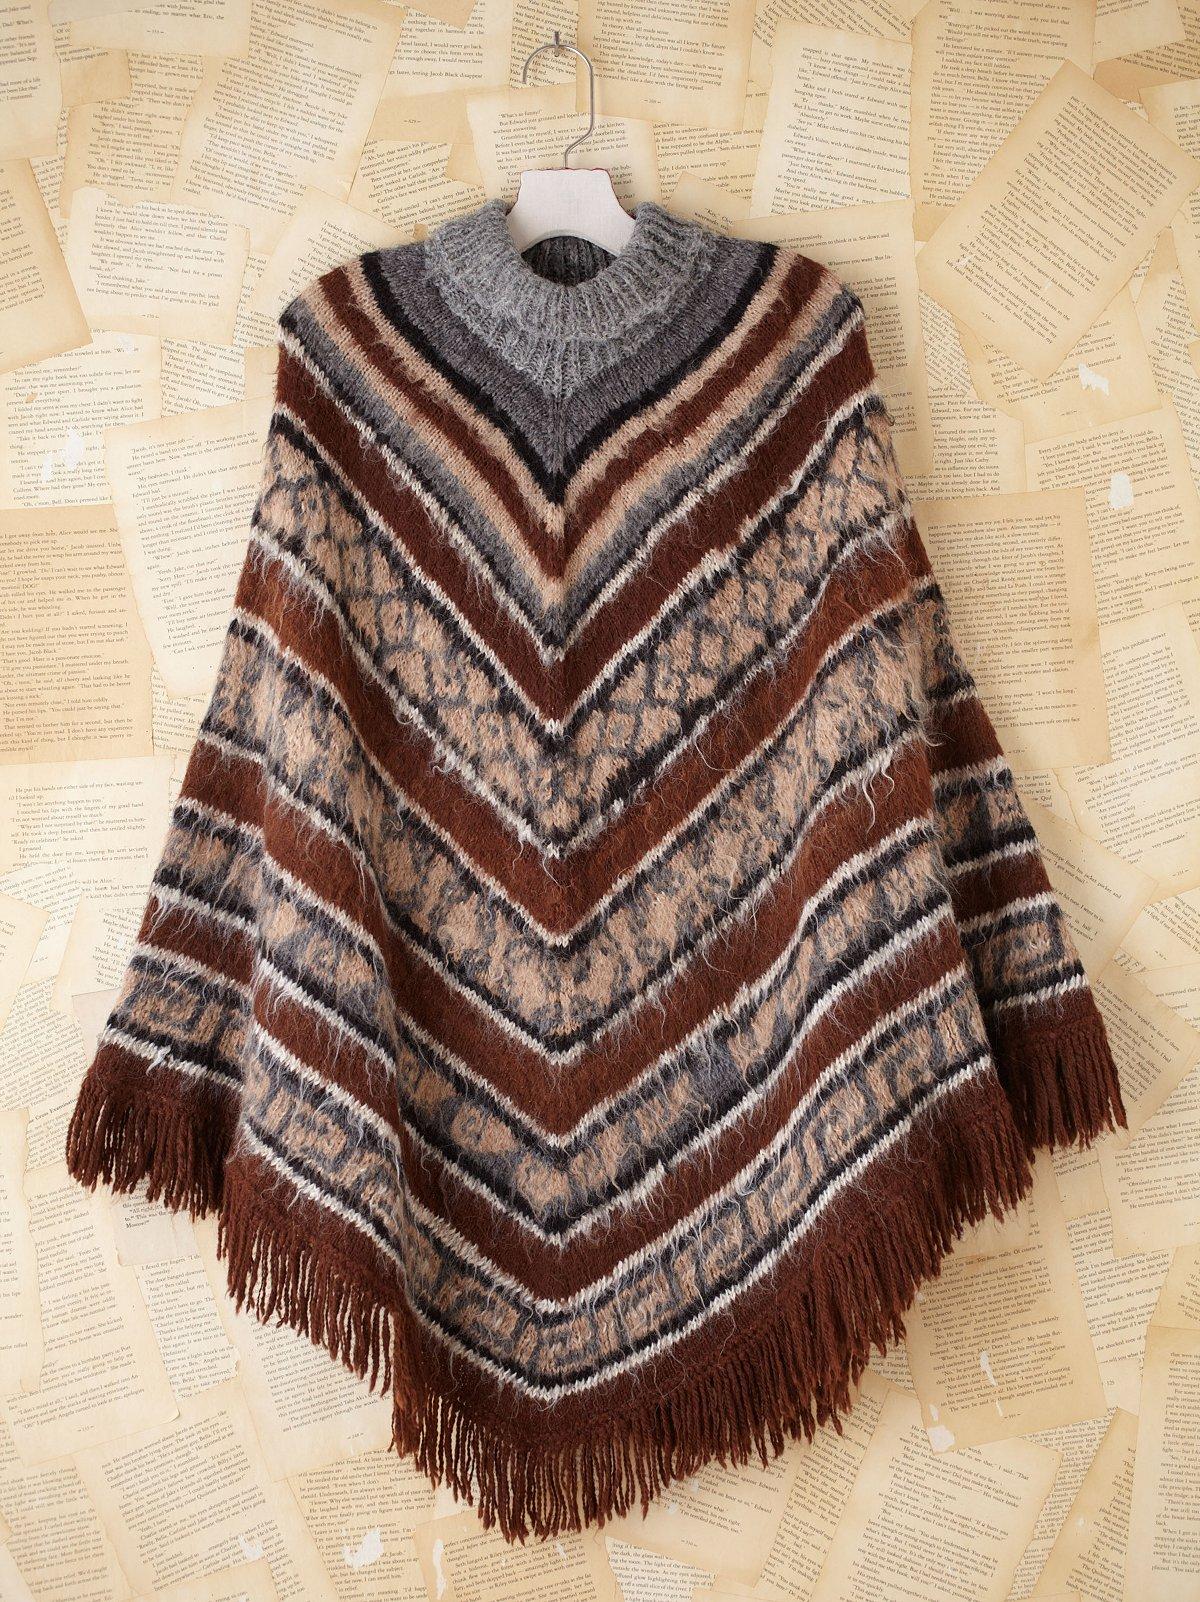 Vintage Knit Poncho